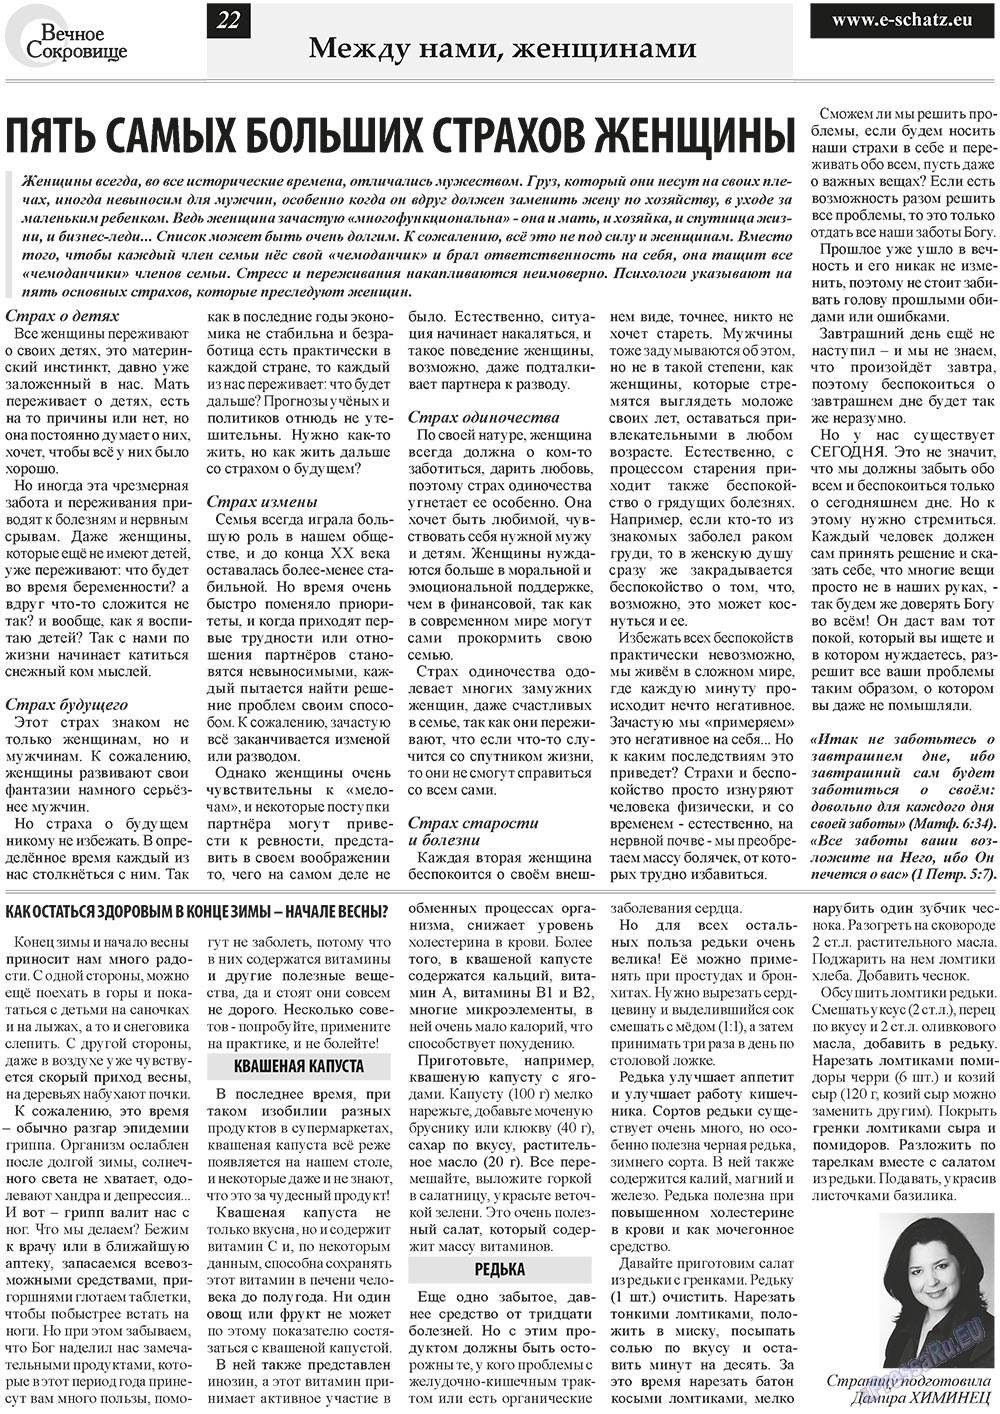 Вечное сокровище (газета). 2011 год, номер 1, стр. 22